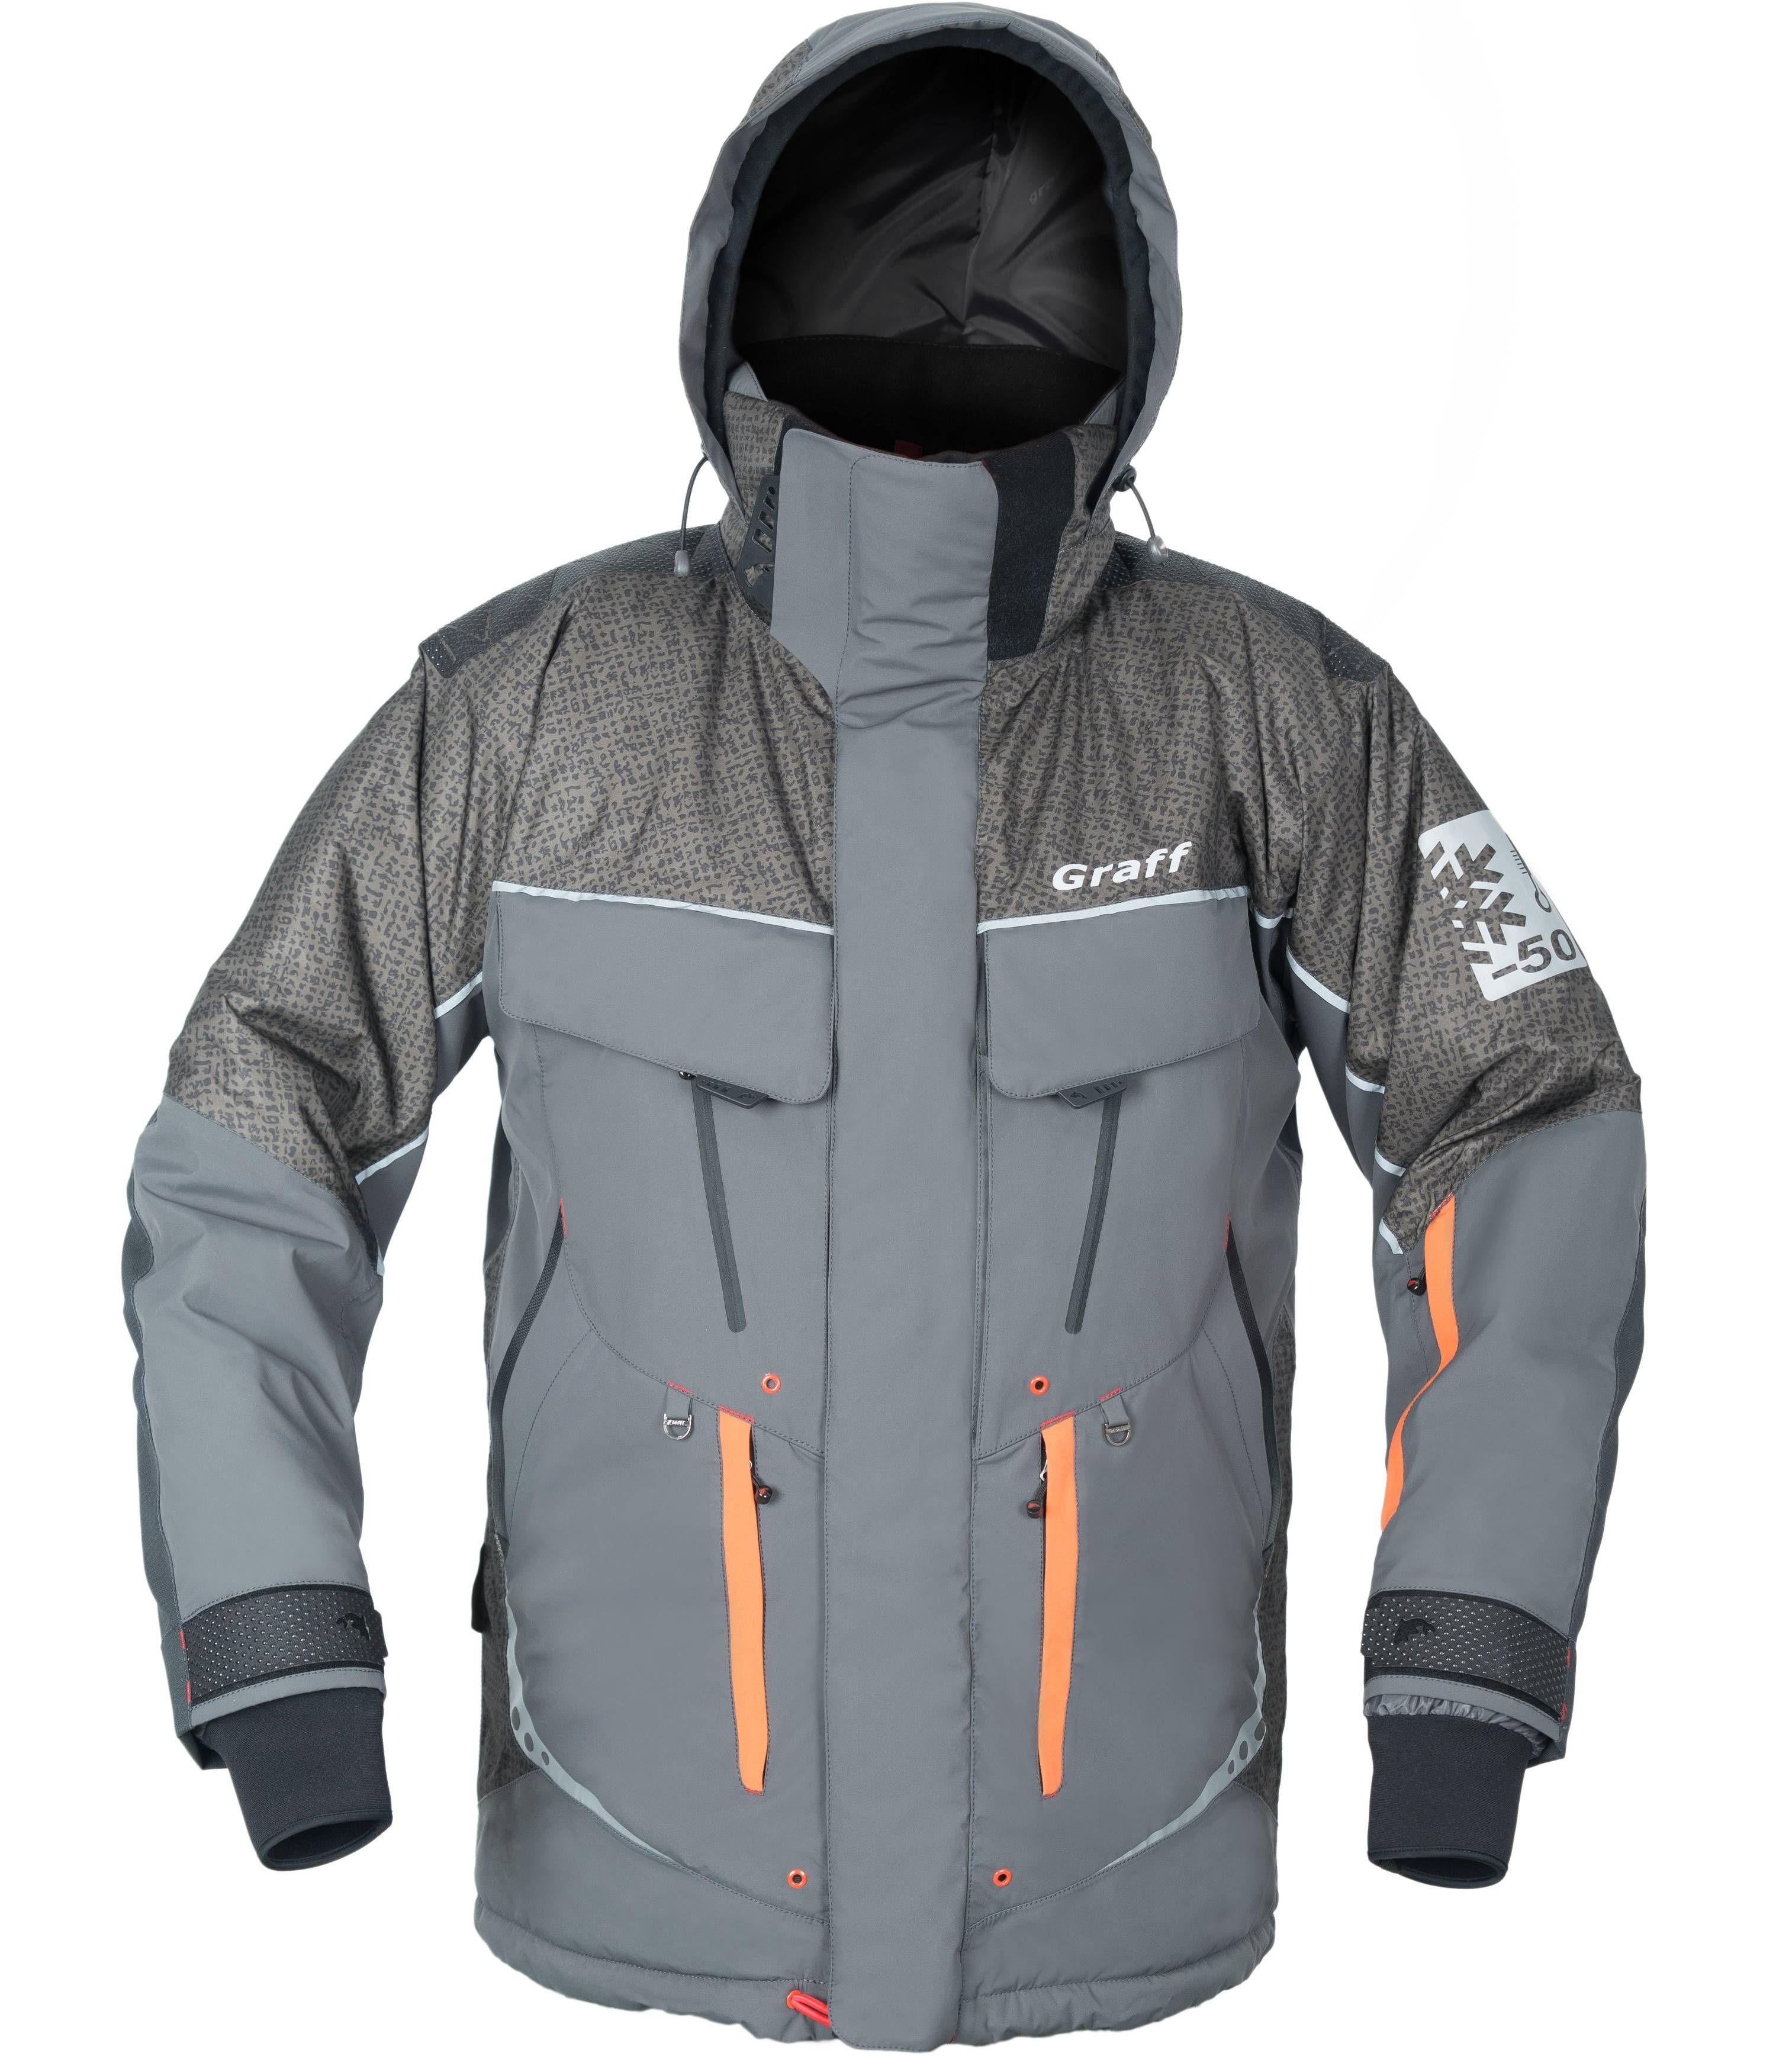 Odzież Wędkarska Graff Polski Producent Odzieży Dla Myśliwych I Wędkarzy Fishing Jacket Waterproof Pants Jackets